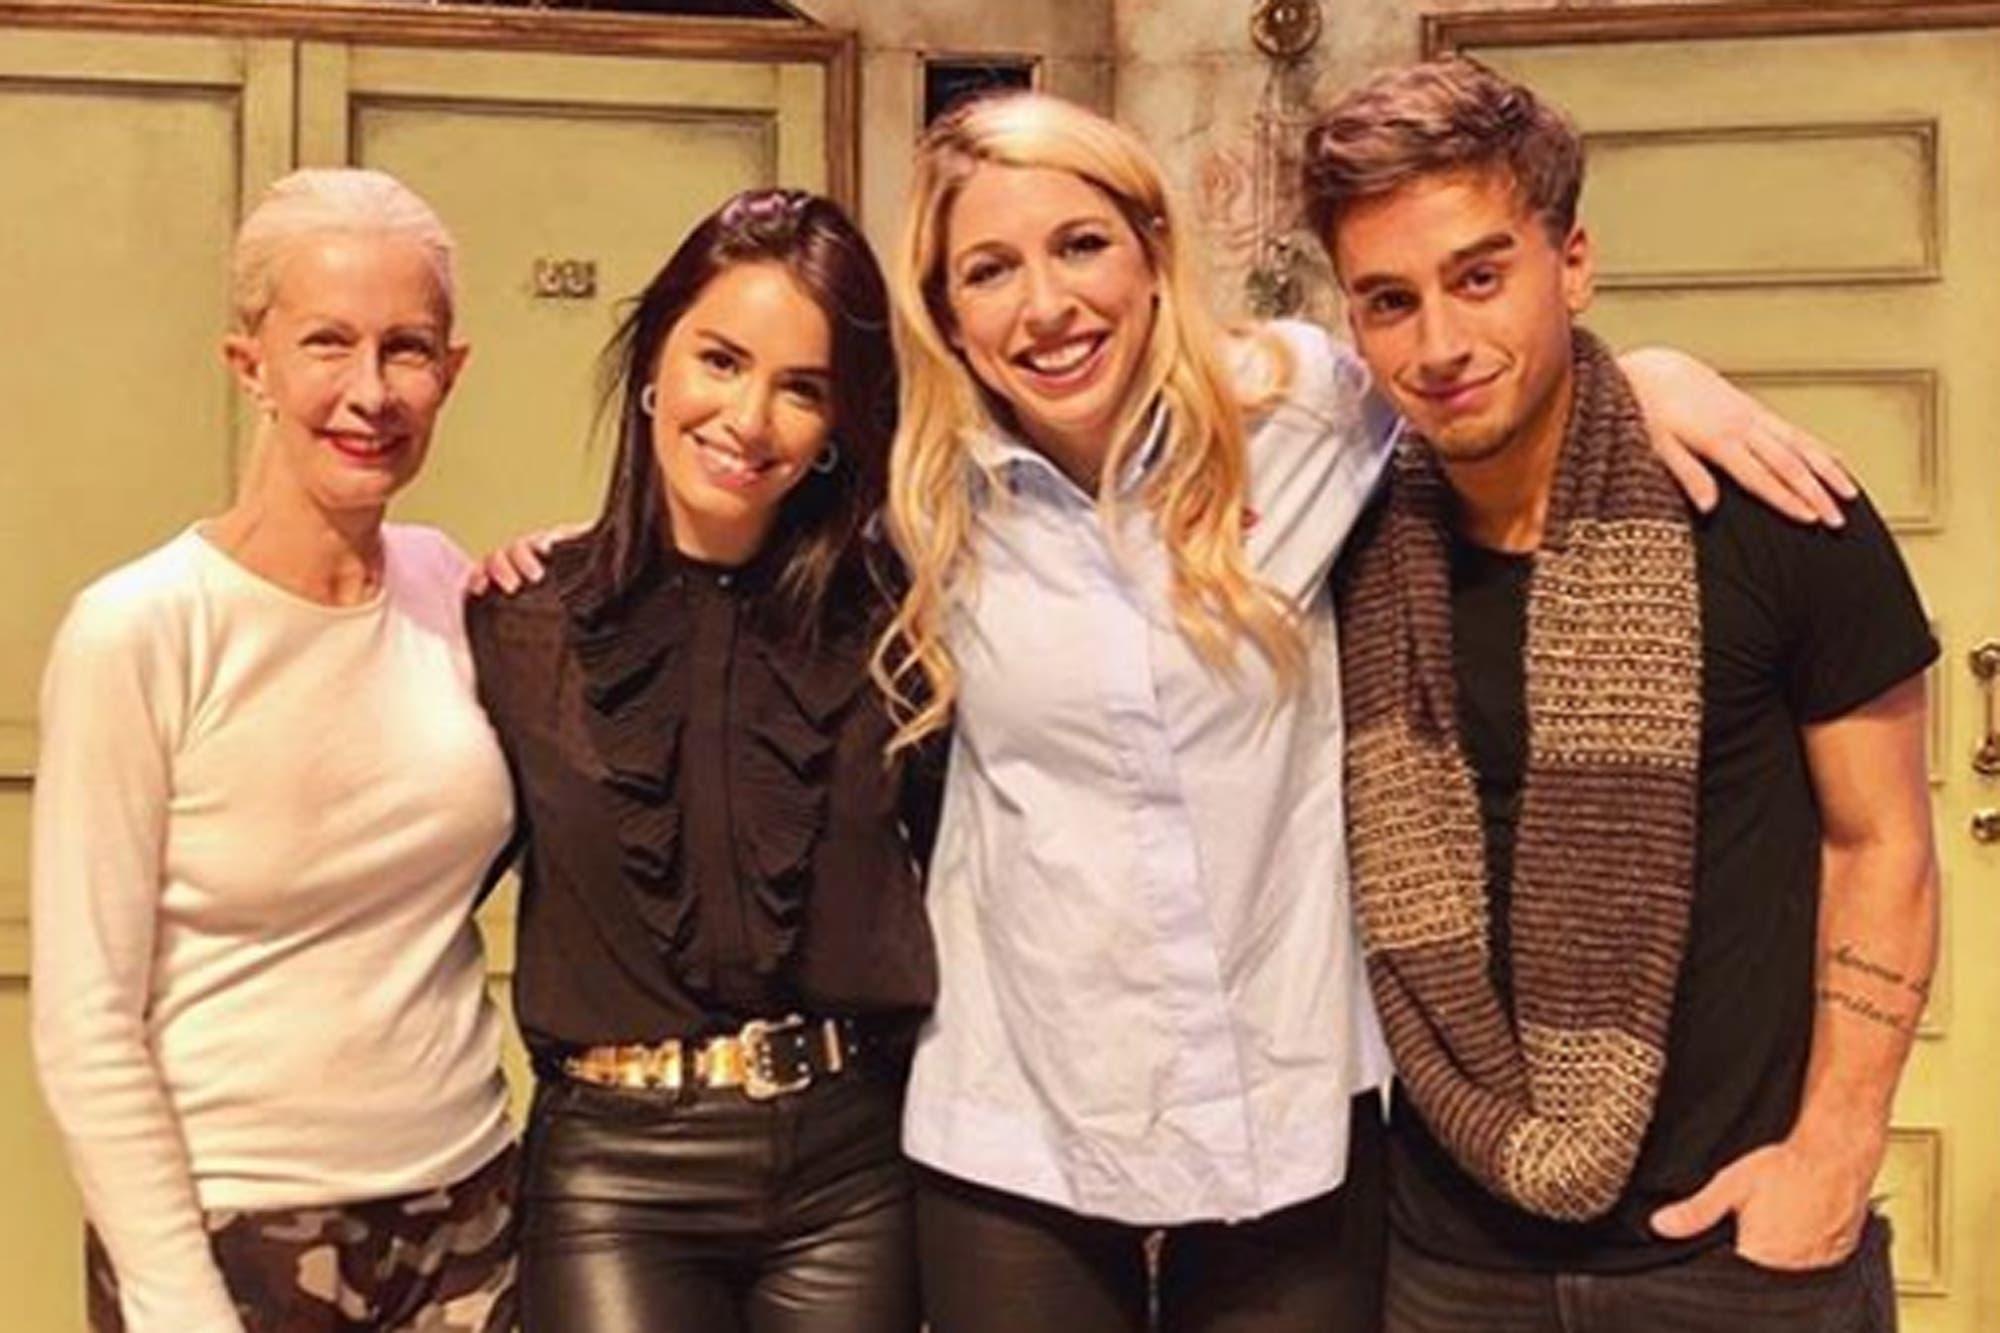 El emocionante reencuentro de tres actores de Floricienta, 15 años después